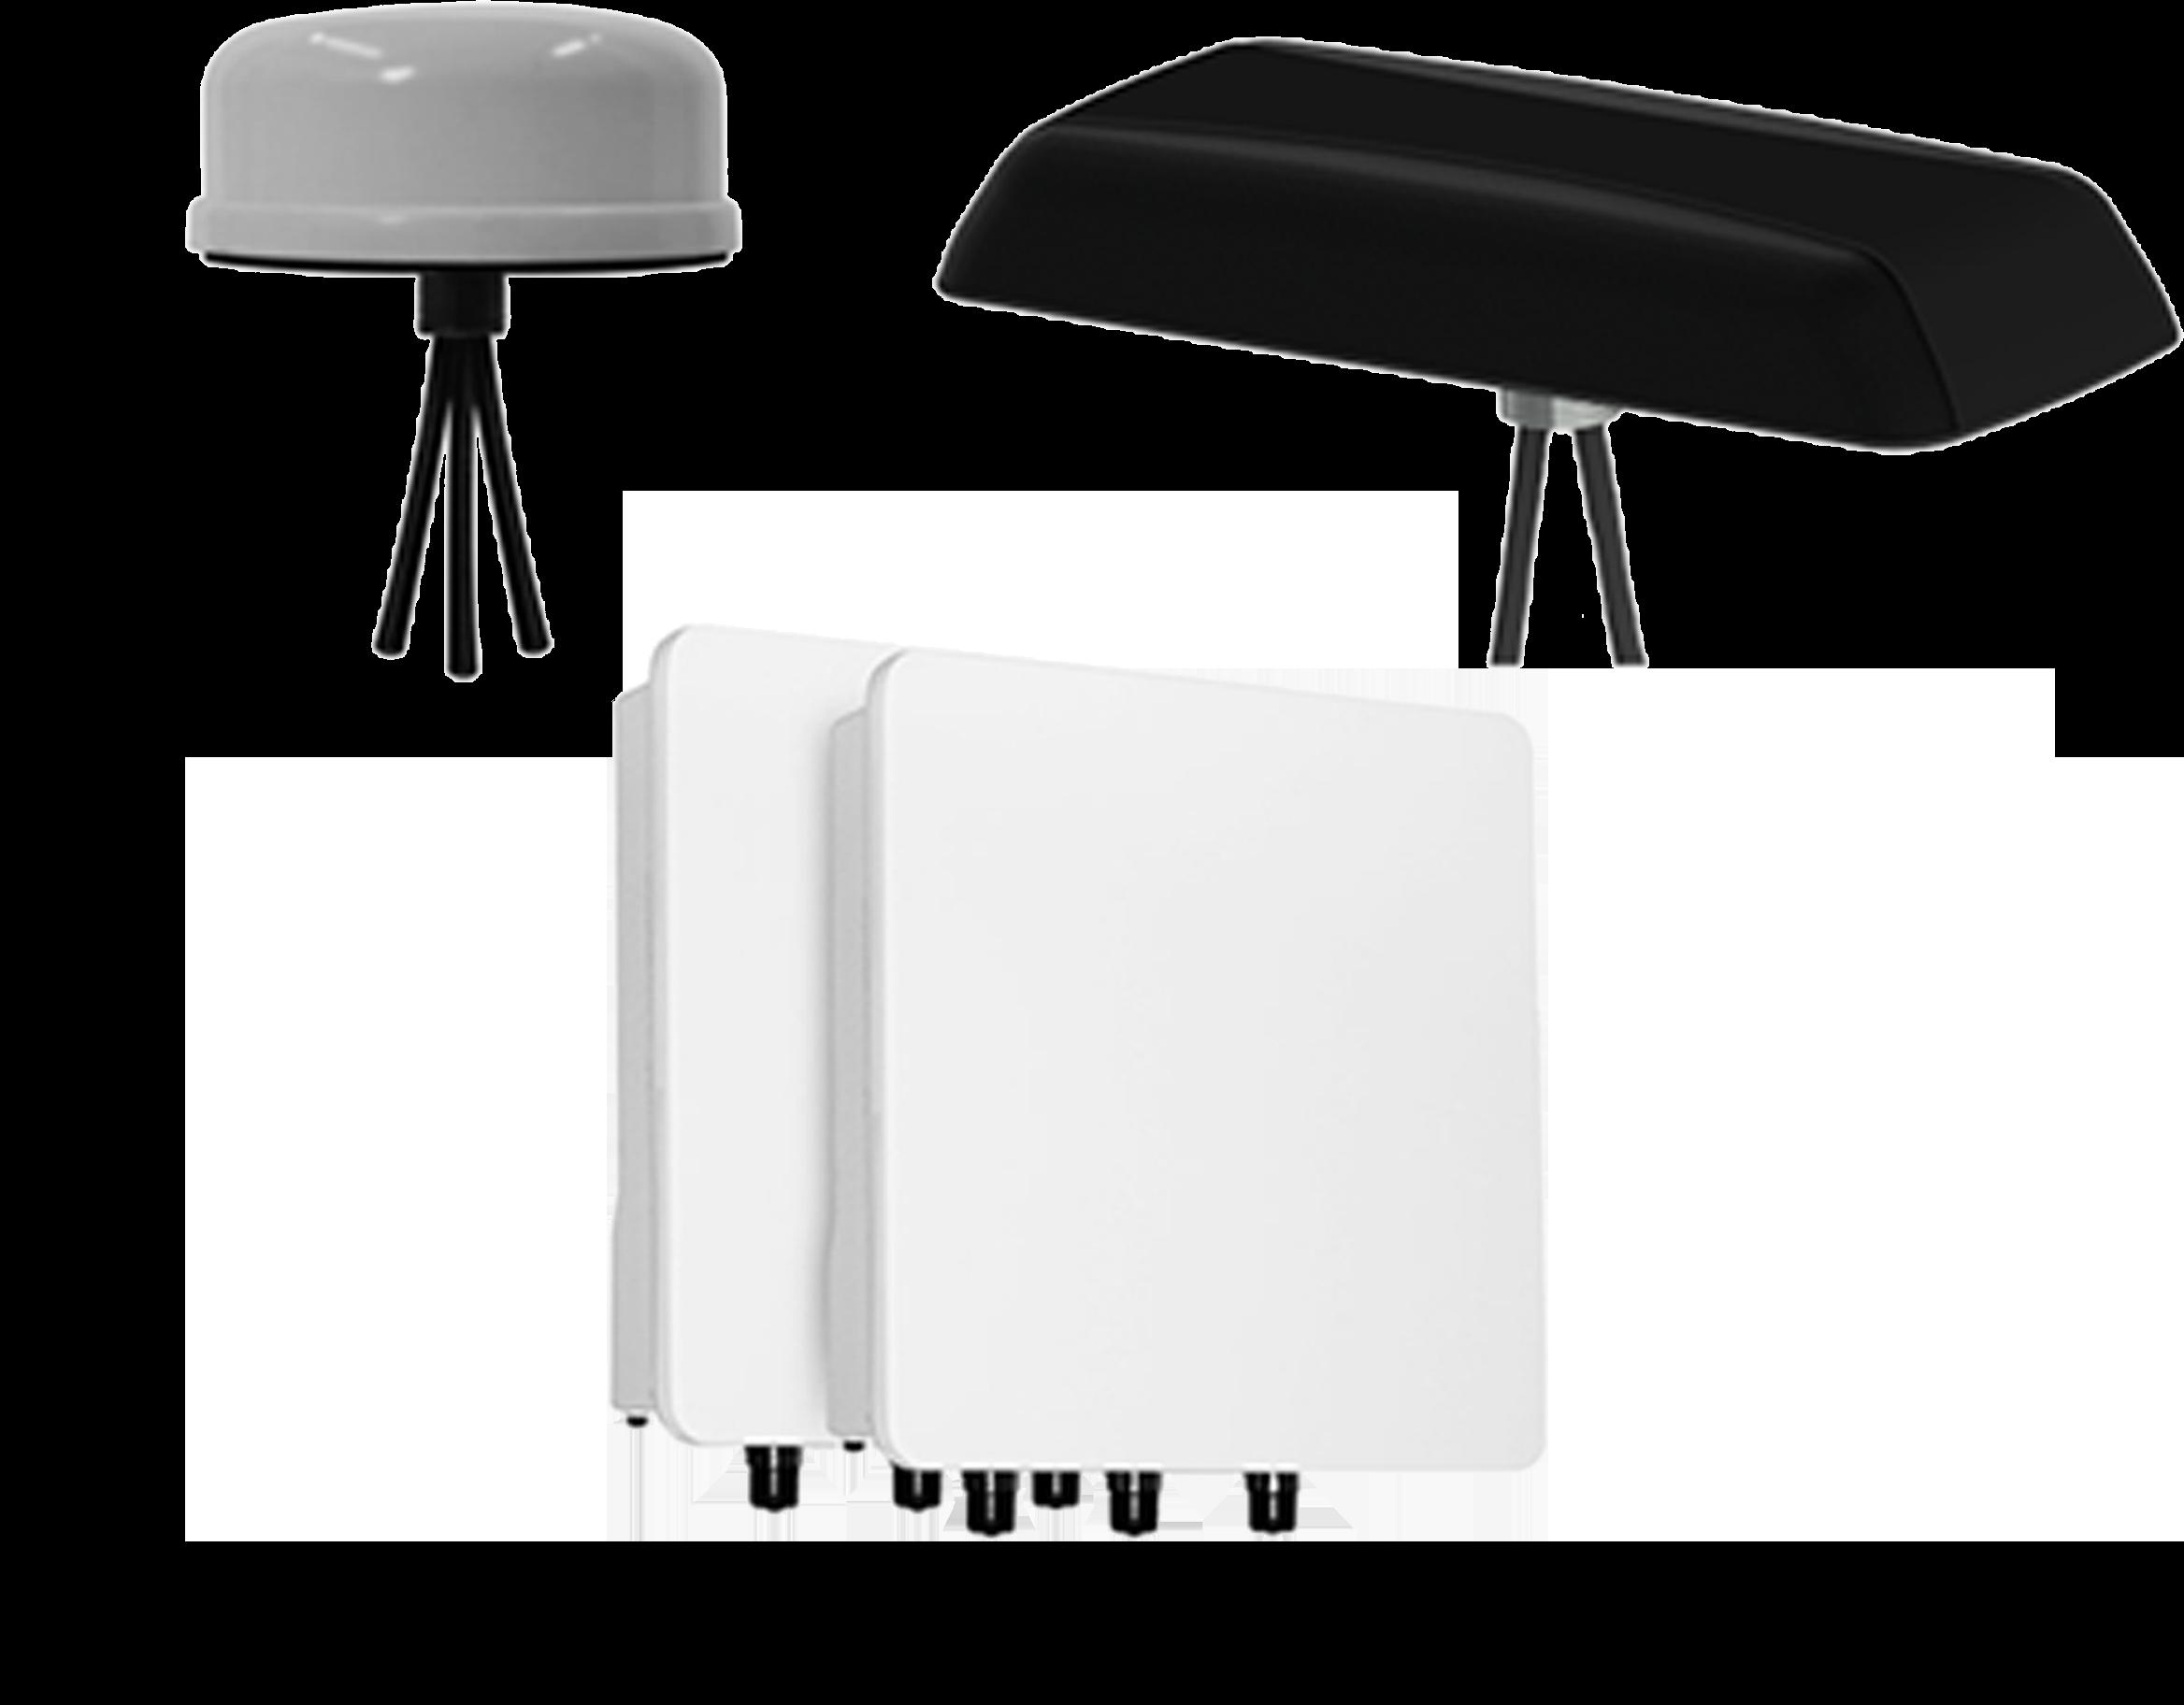 Proxim wireless antennas group